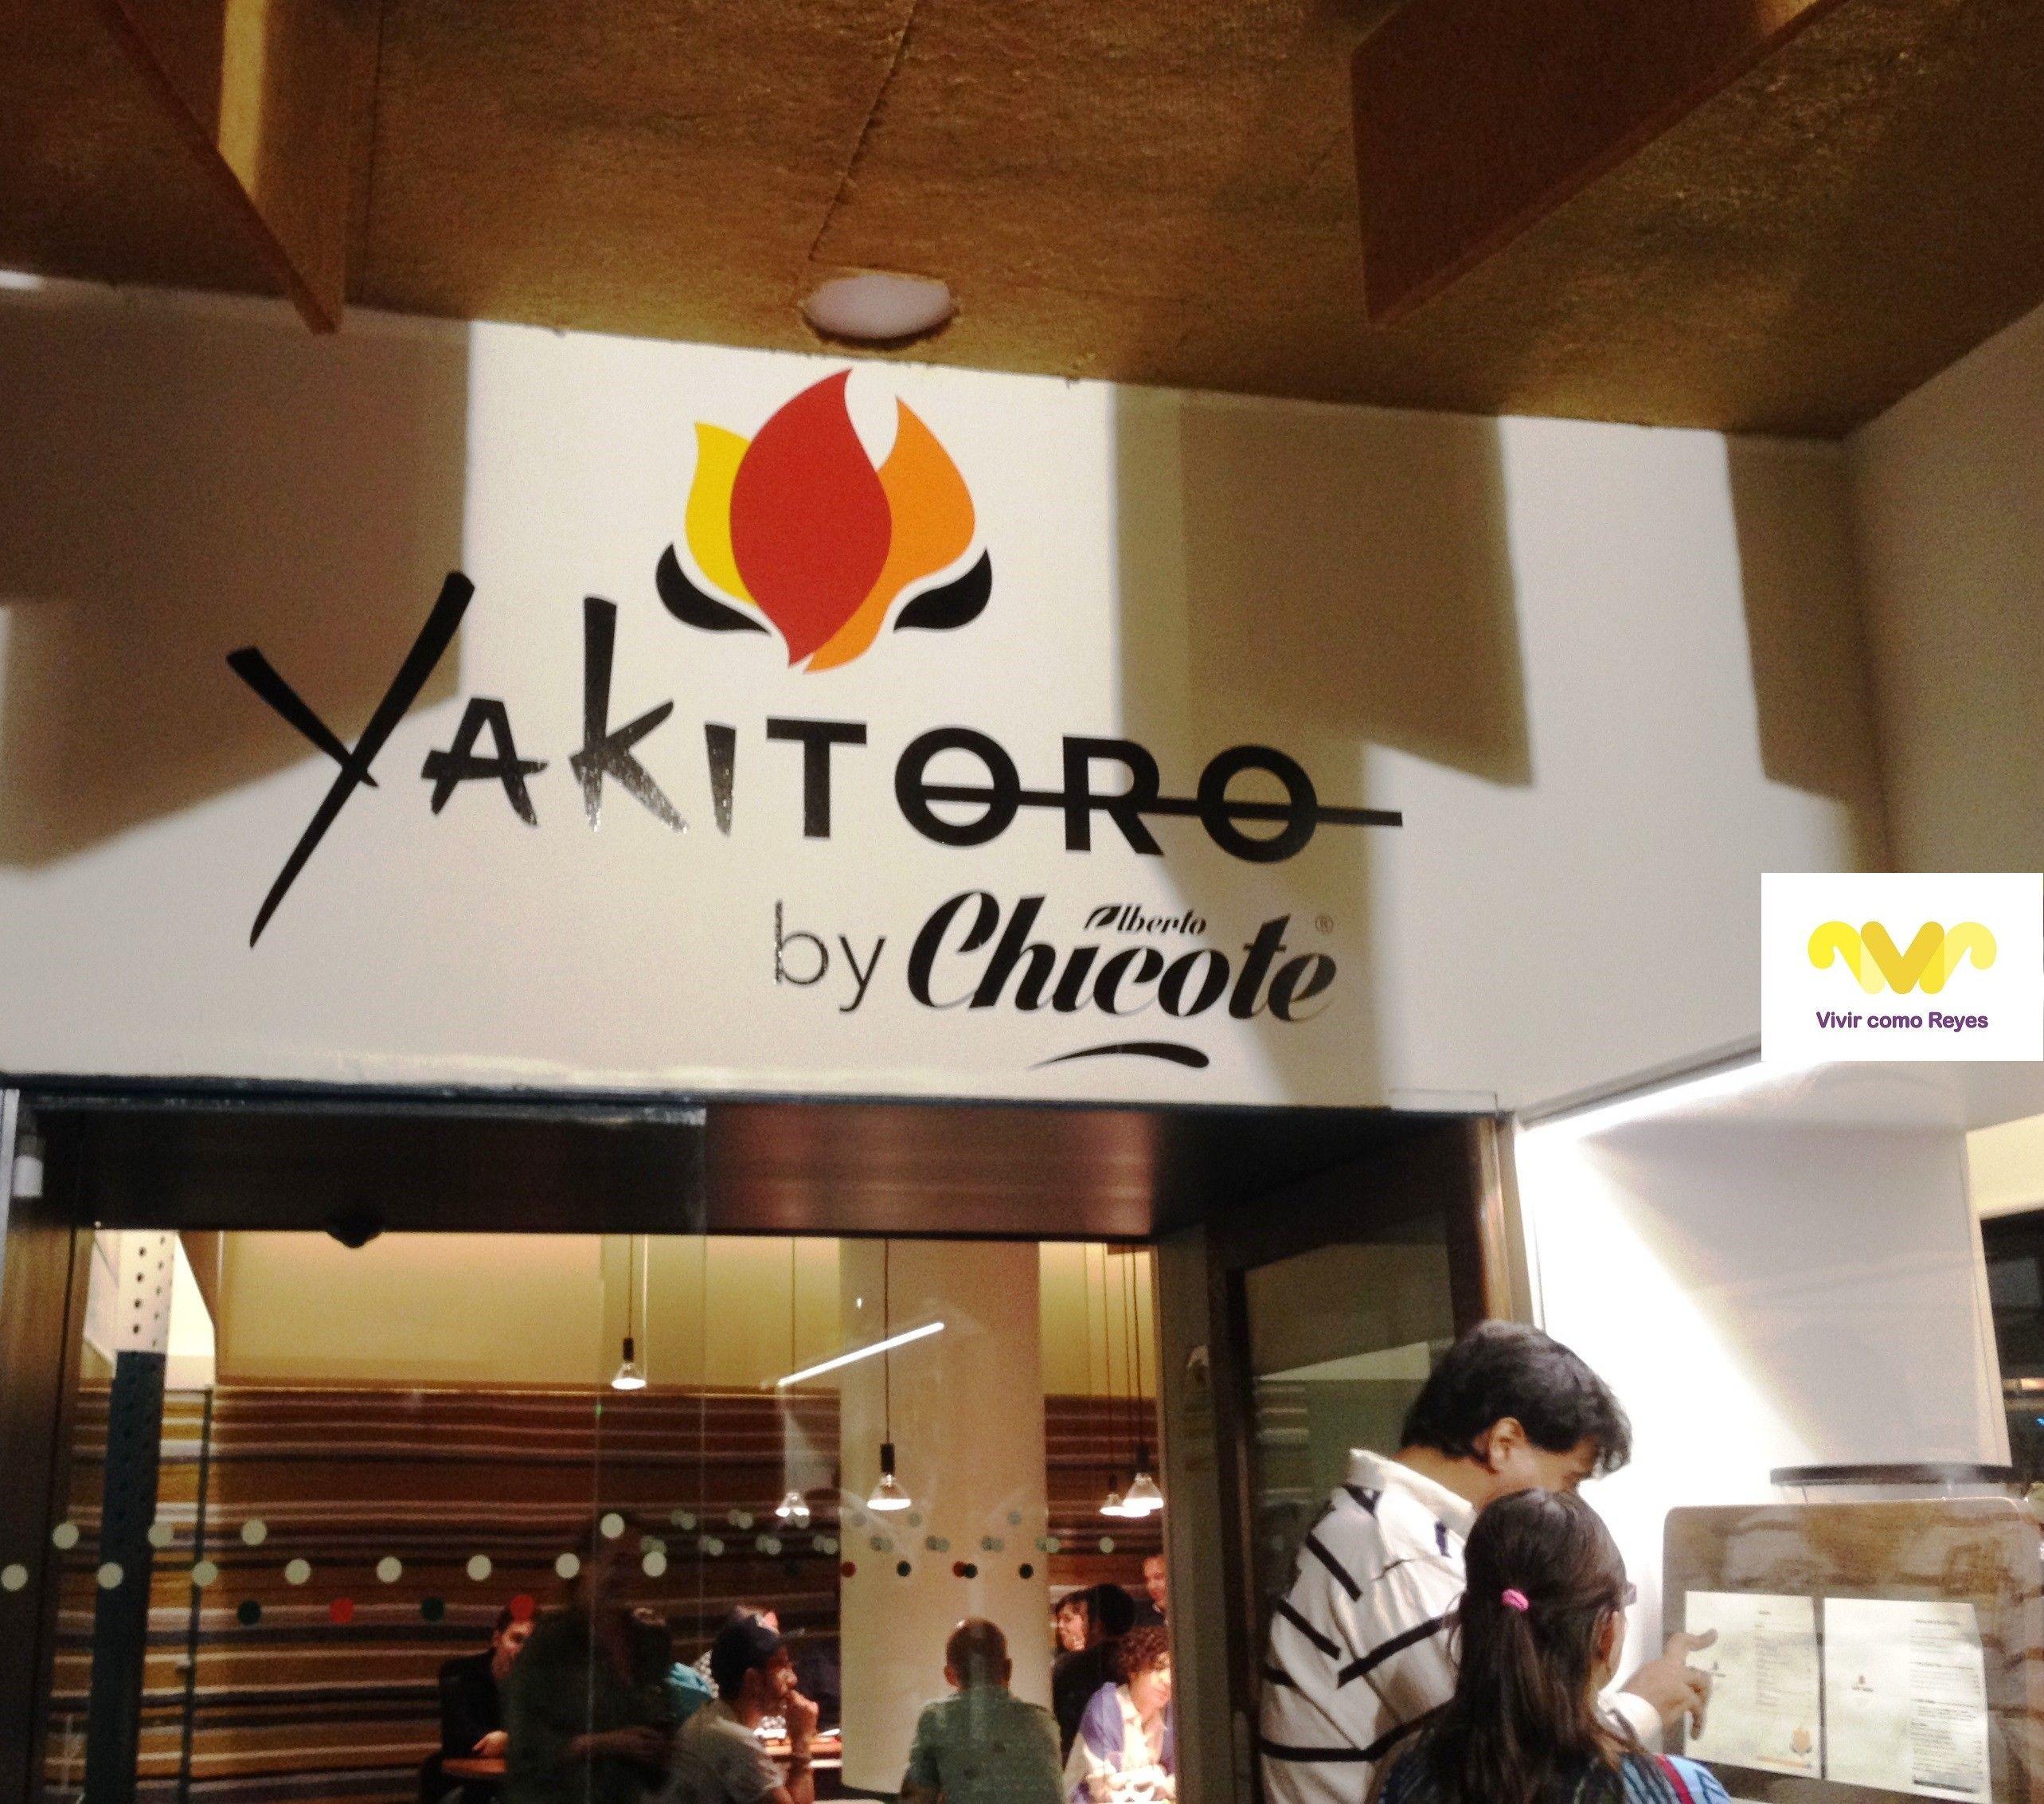 Restaurante yakitoro by chicote el rey de la brocheta for Pesadilla en la cocina el rey